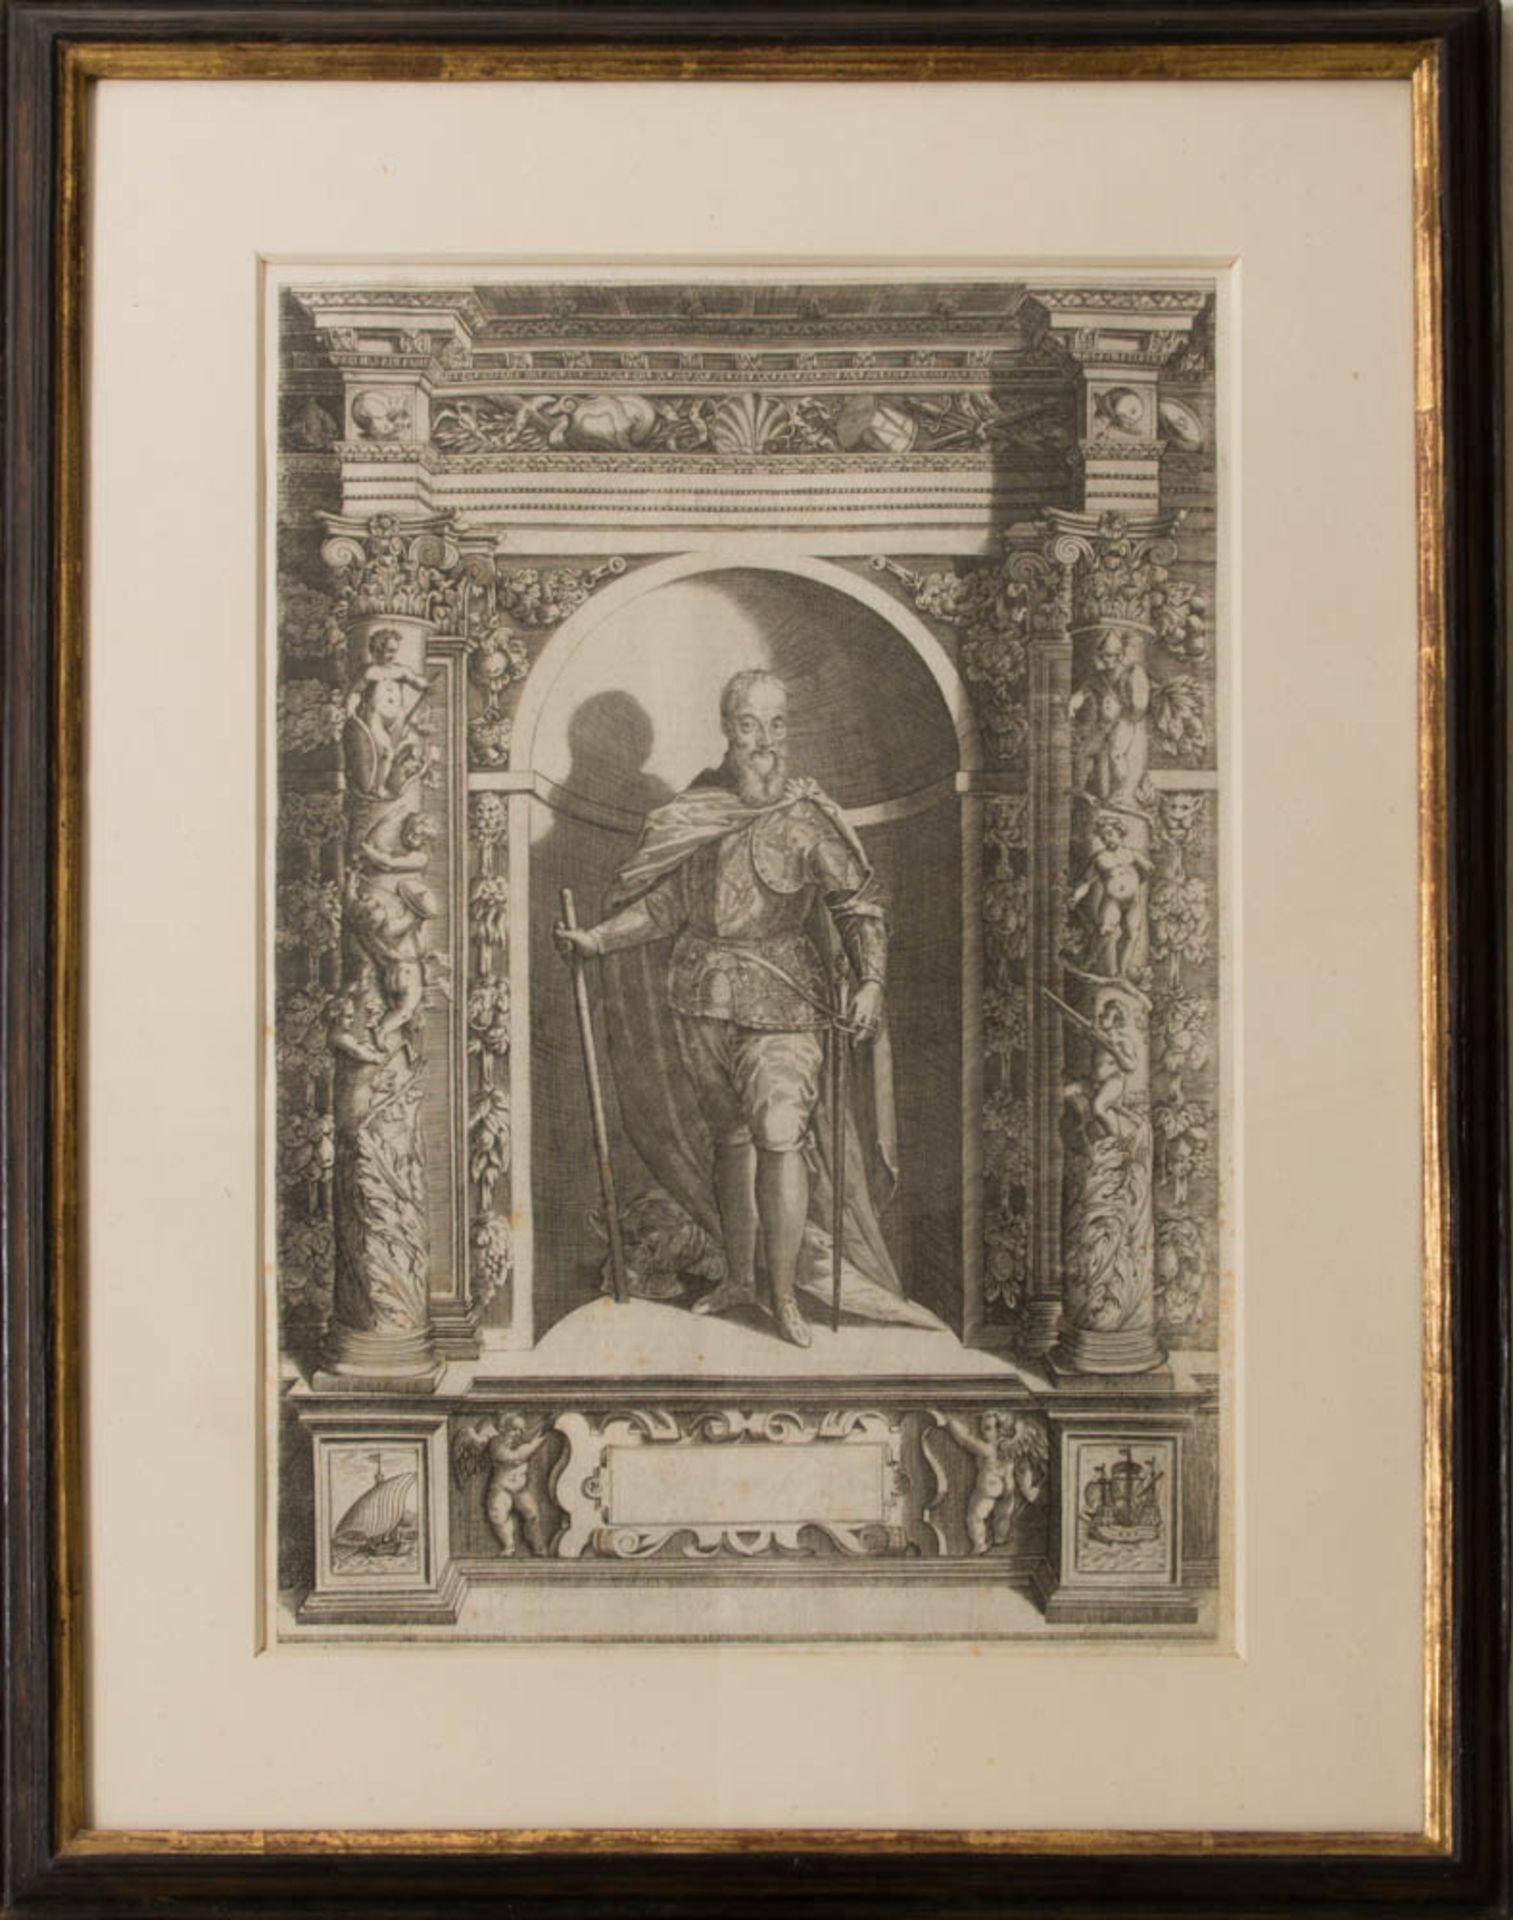 Vier Herrenportraits, Druckgrafik, 18. Jh.Teilweise rückseitig verglast und bedruckt. - Bild 3 aus 5